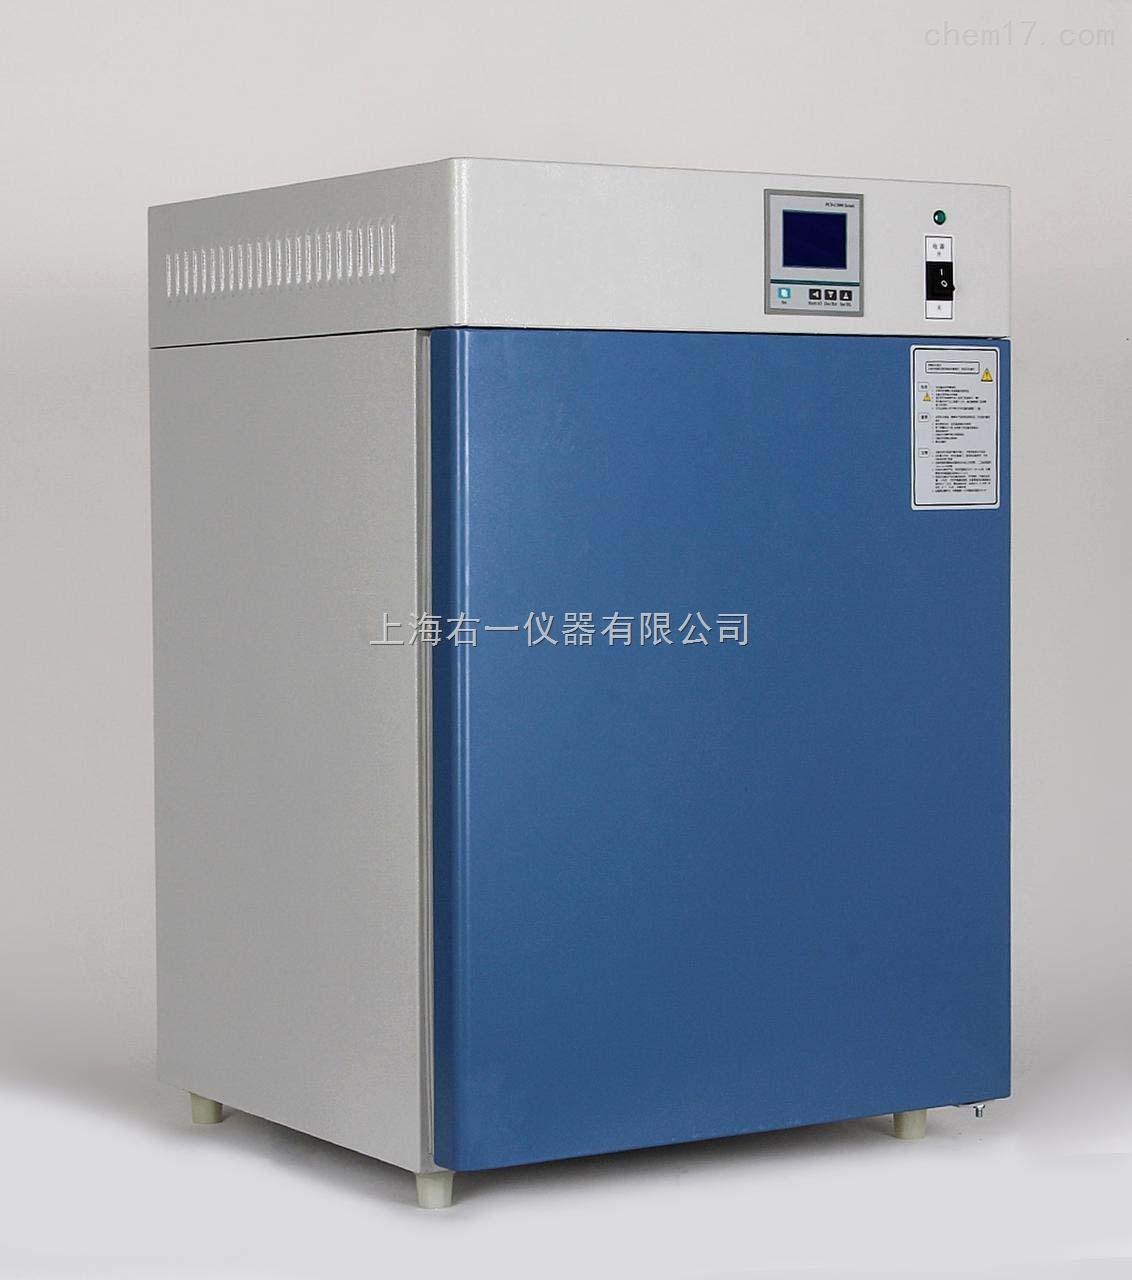 電熱恒溫培養箱DHP-9162